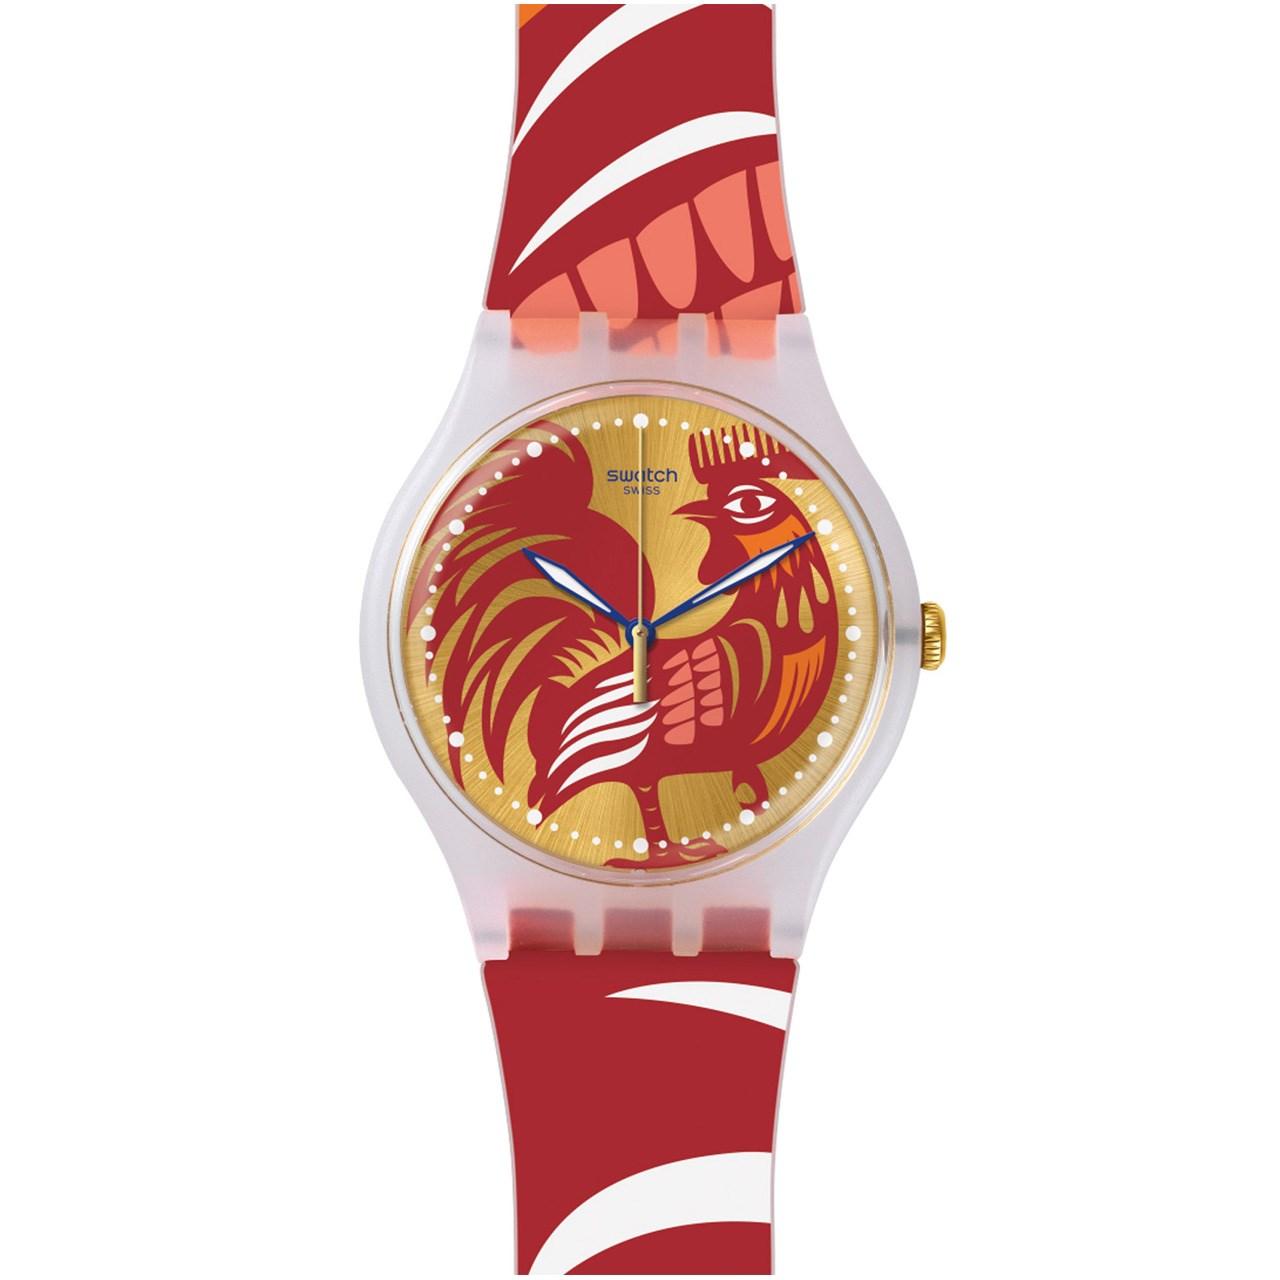 ساعت مچی عقربه ای زنانه سواچ مدل SUOZ226 25